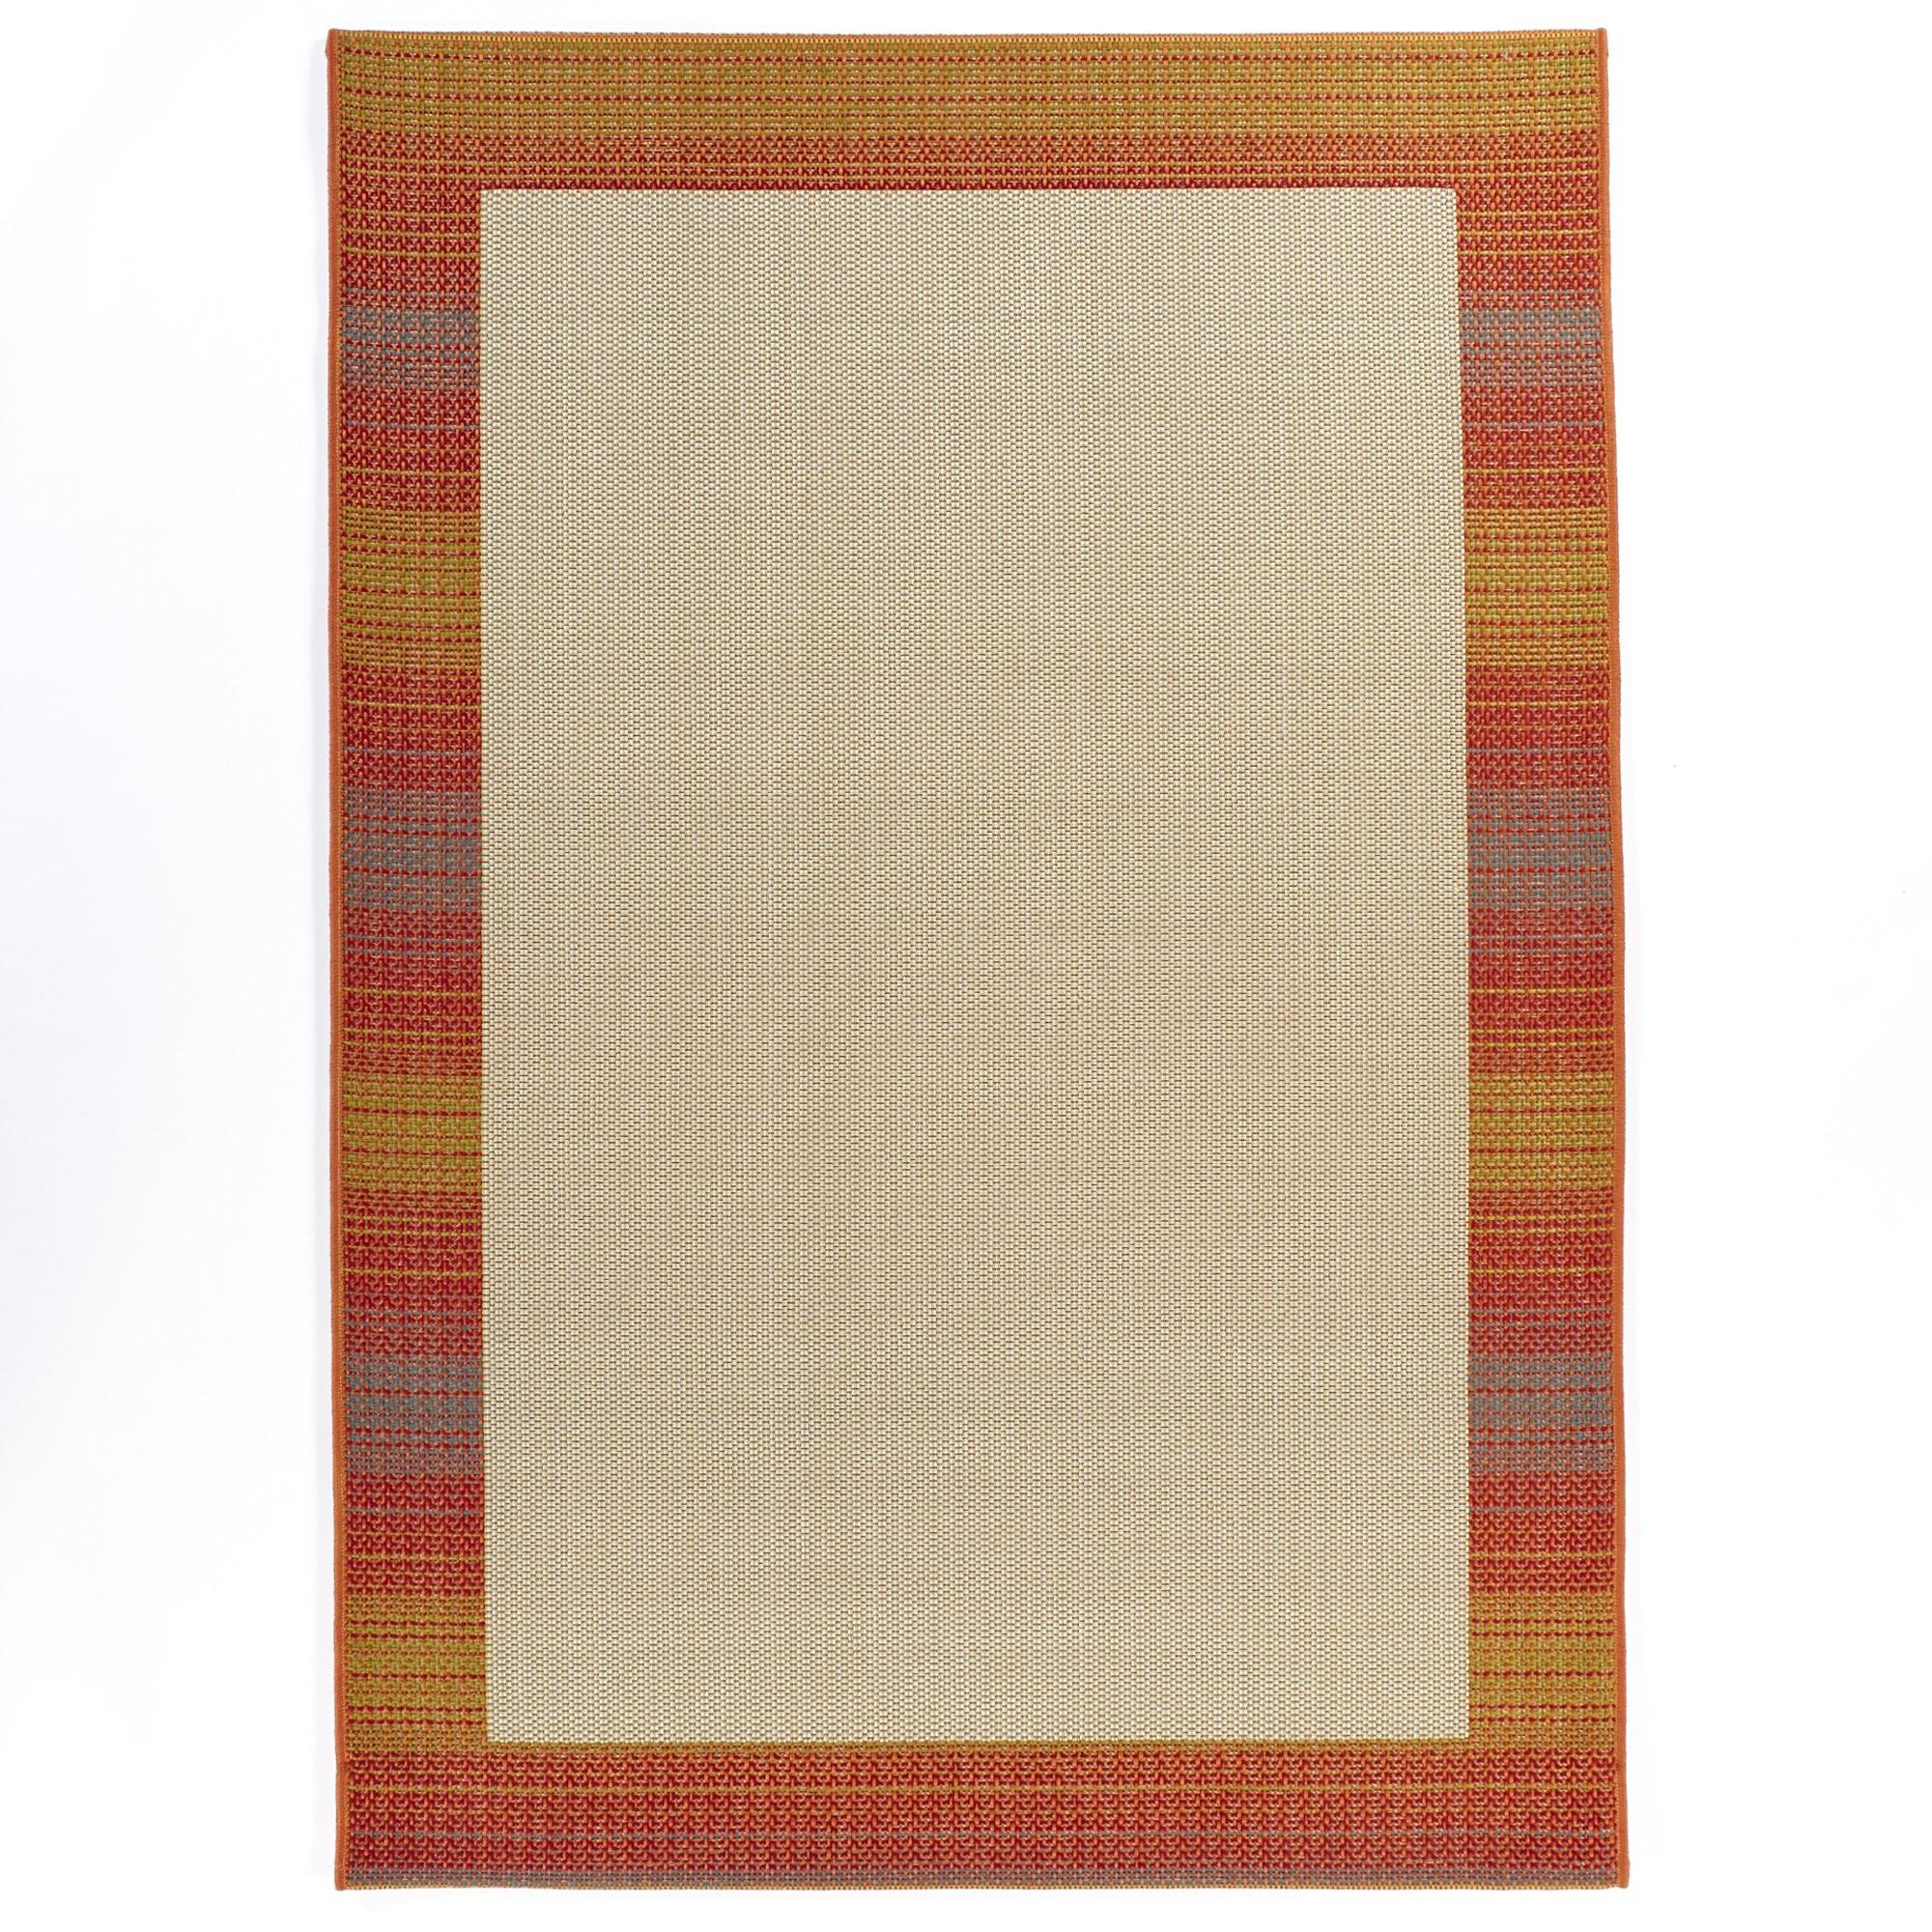 Carpet Art Deco Bellaire Collection Indoor Outdoor Rug, 5'3'' x7'5, Beige/Red